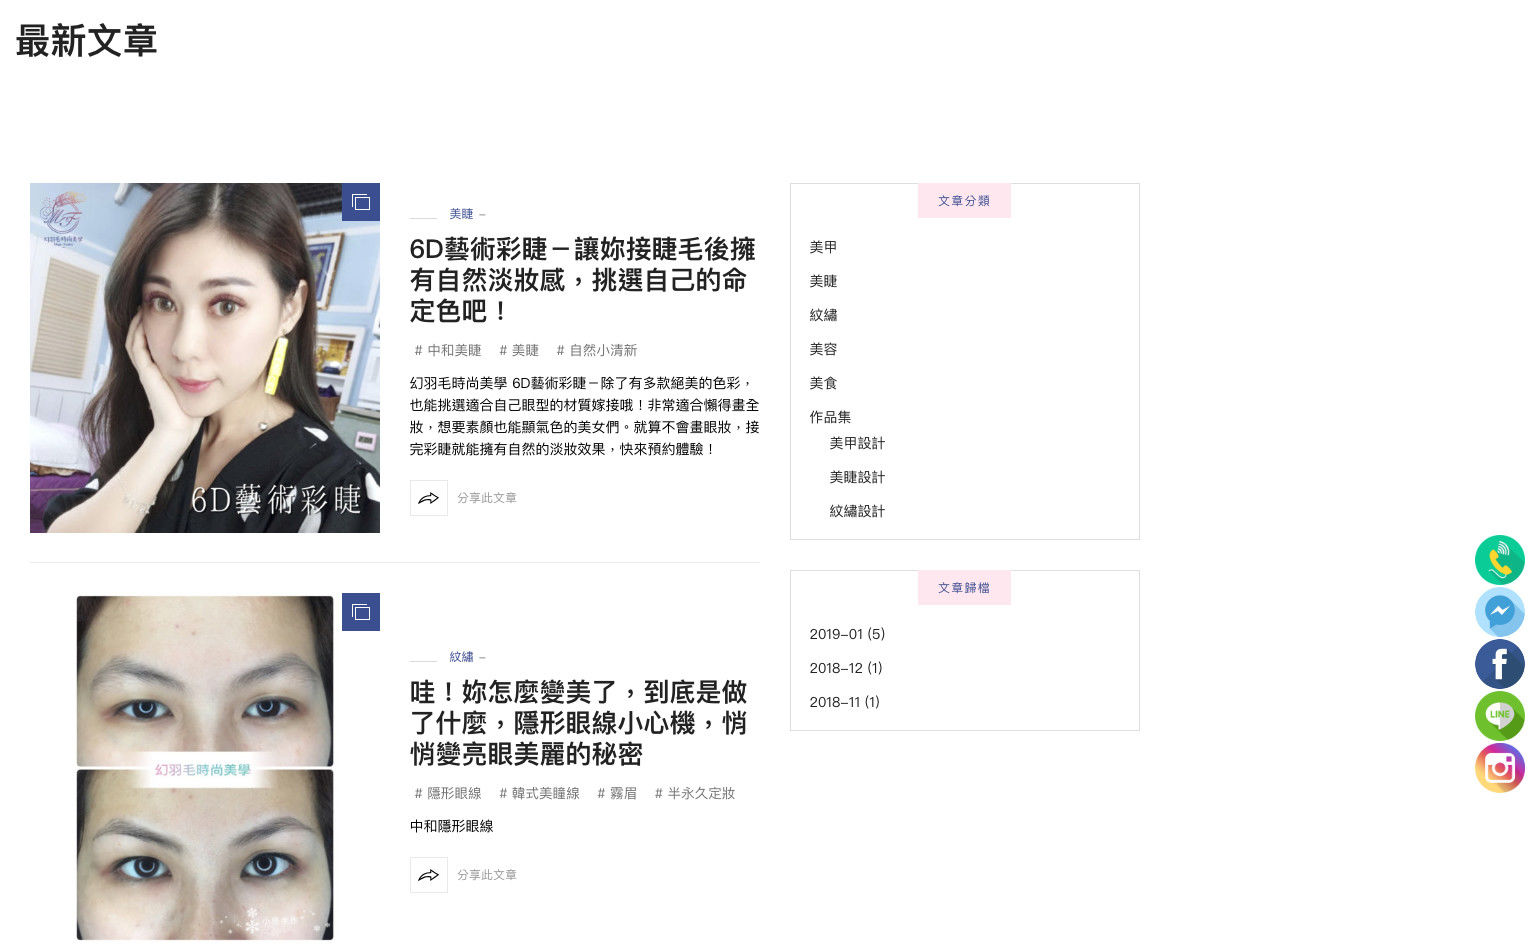 網站SEO優化成功案例、SEO網頁設計-幻羽毛時尚美學右側社群按鈕